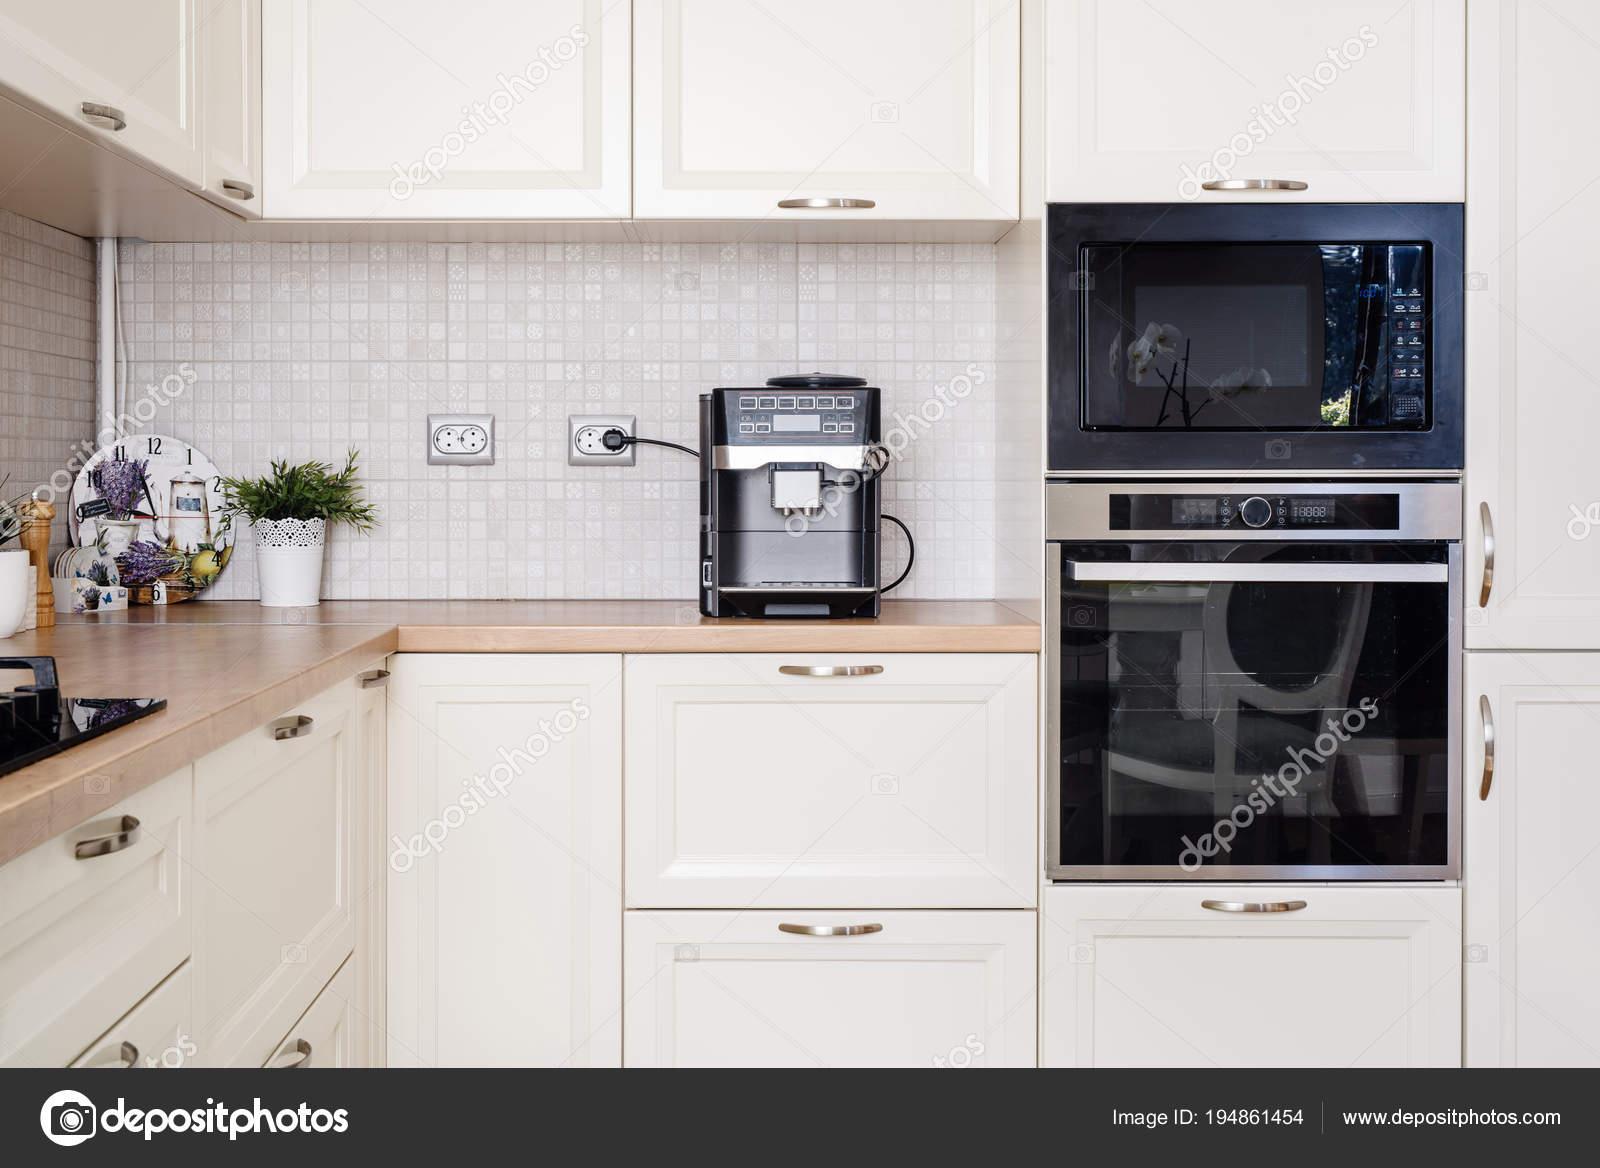 Moderne Designer Kuche Mit Elektrogeraten Und Holzerne Arbeitsplatte